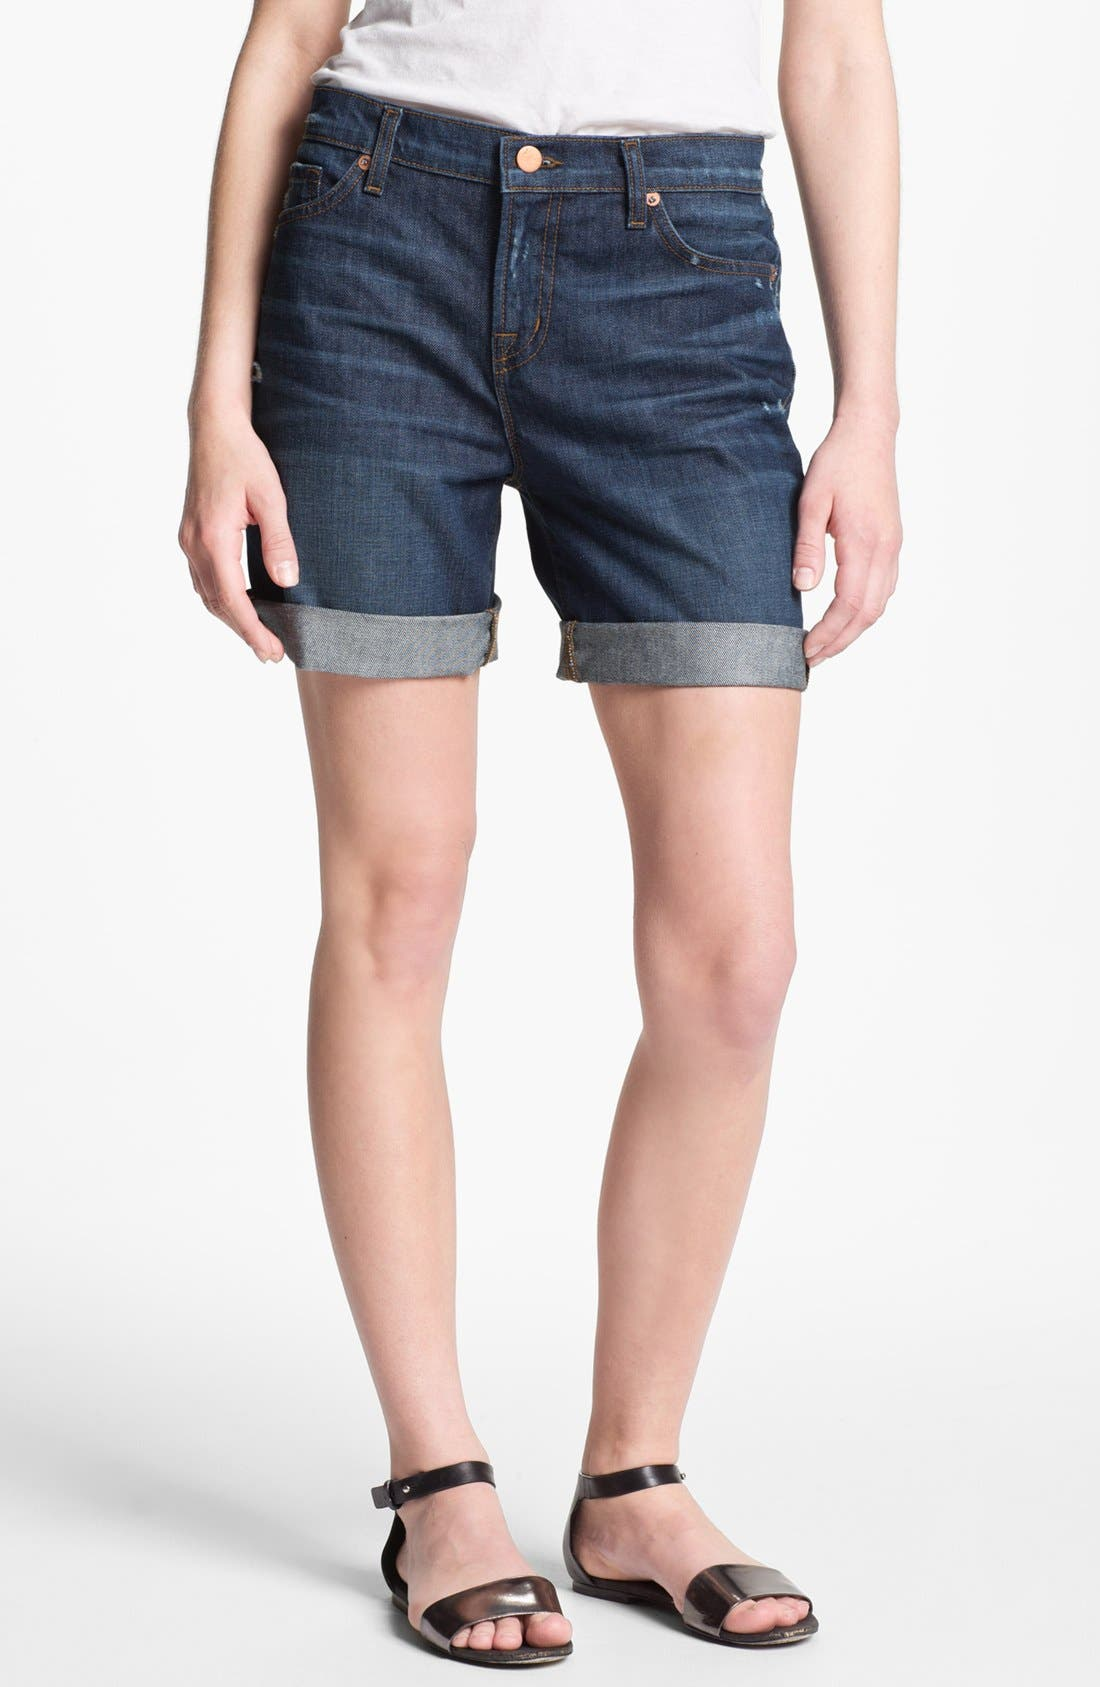 Alternate Image 1 Selected - J Brand 'Nash' Destroyed Denim Shorts (Synthesis)